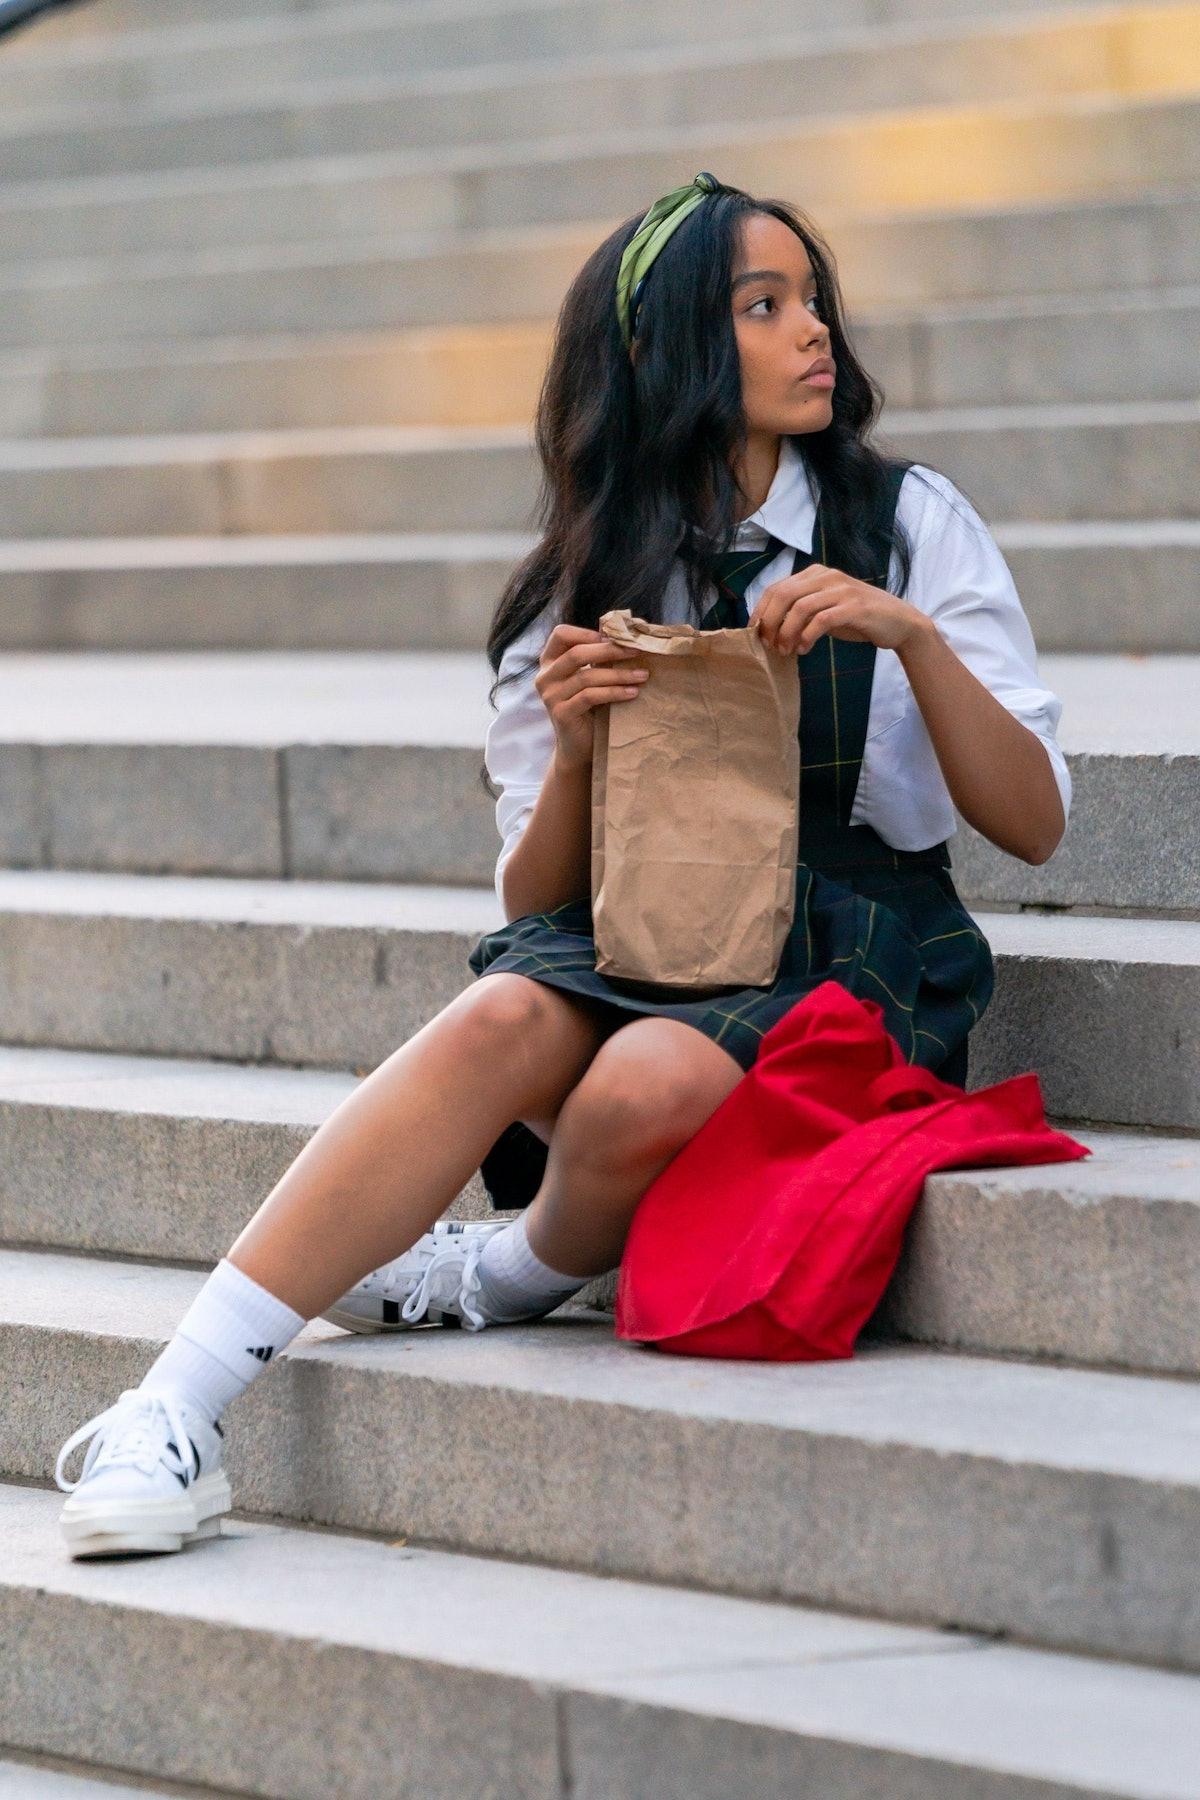 'Gossip Girl' reboot cast on the Met steps